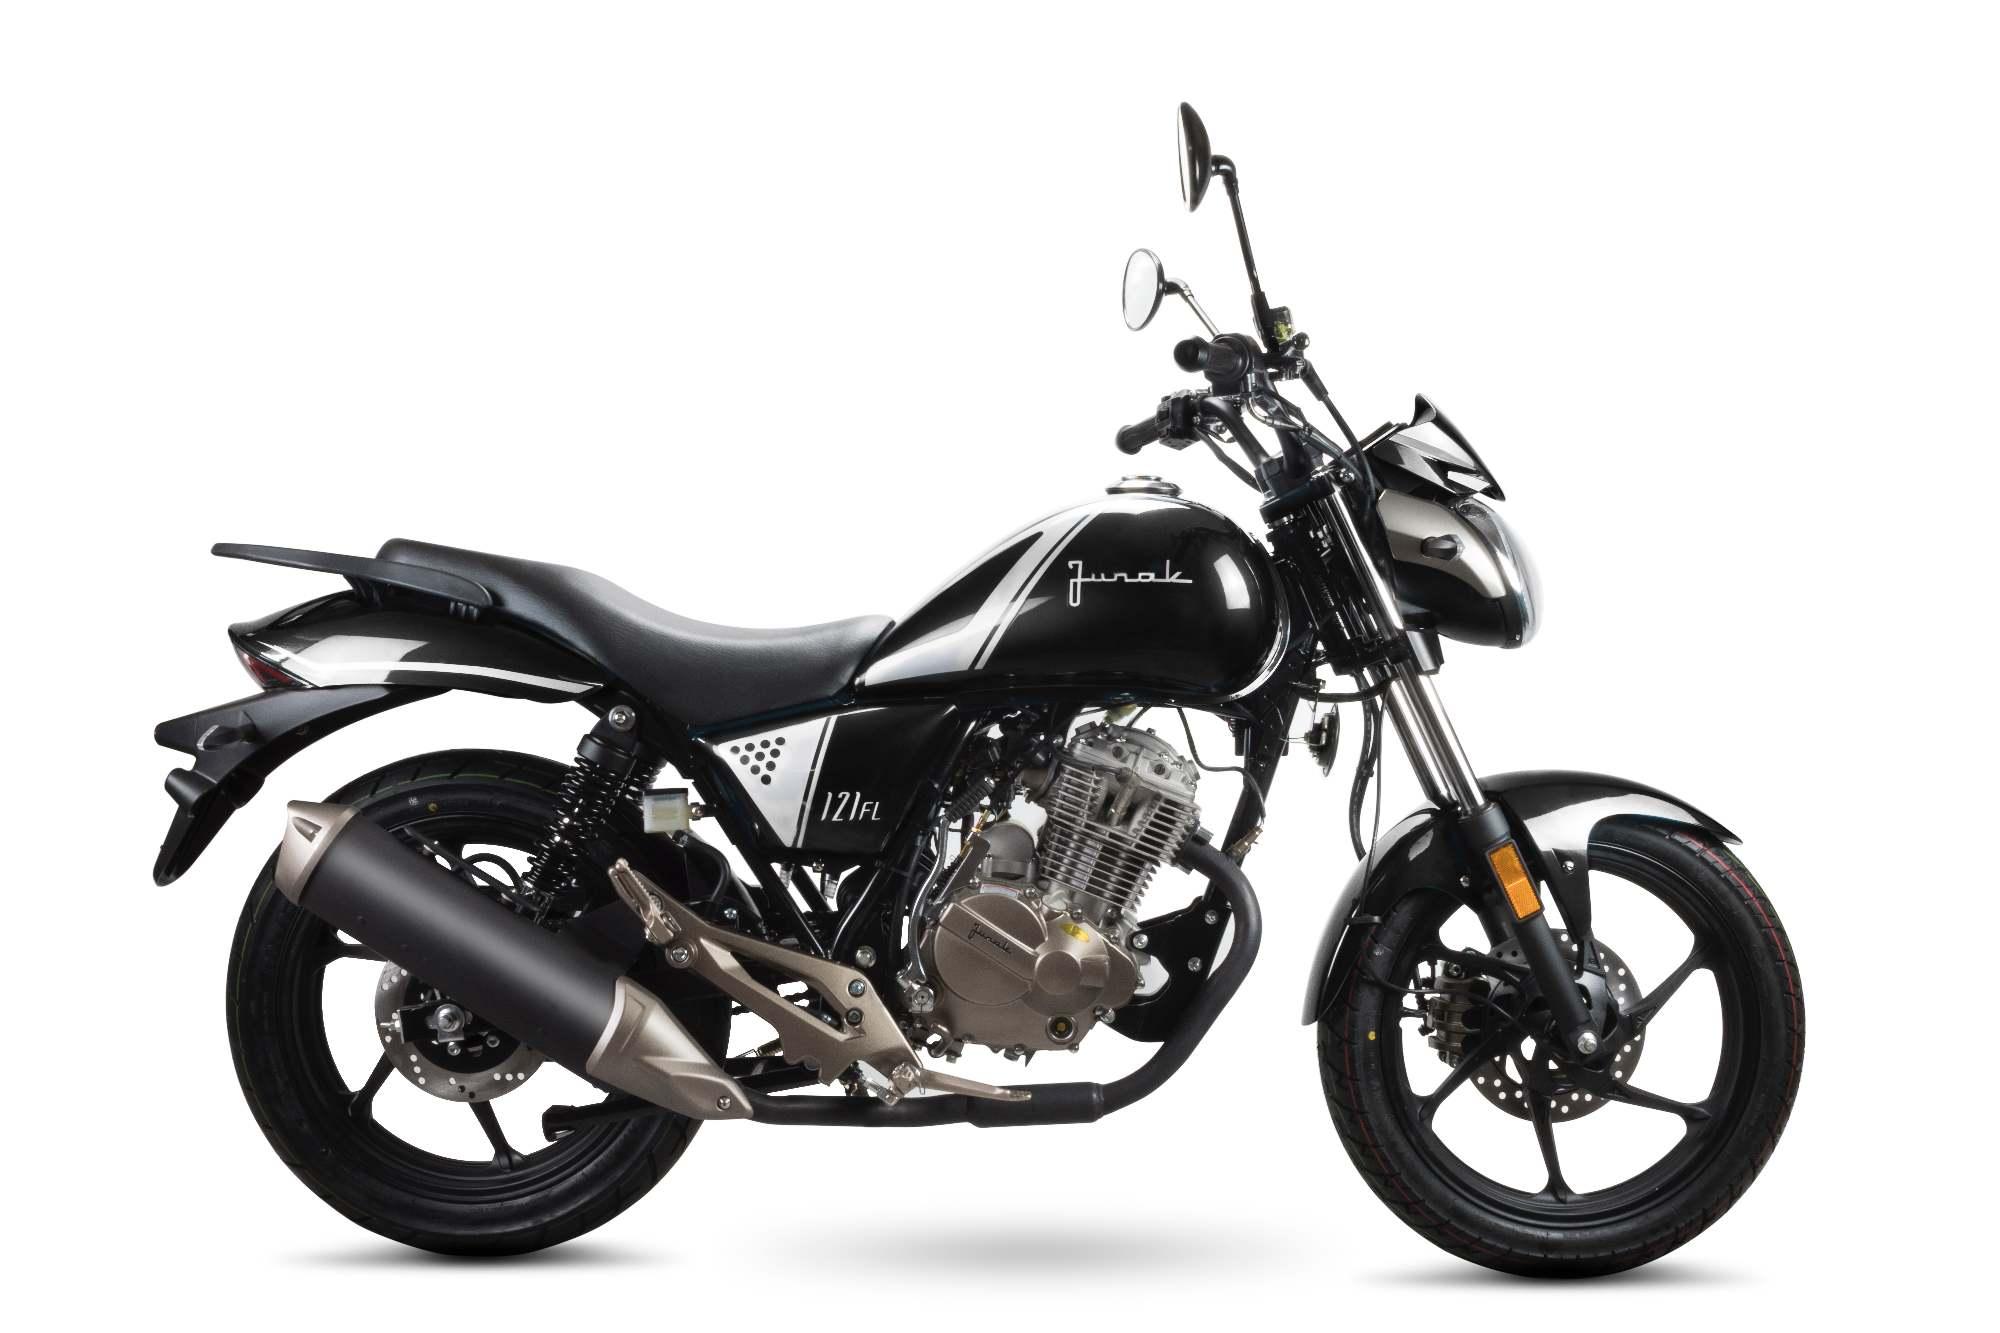 Junak 121 FL 125 w salonach: Optymalny motocykl dla początkujących z prawem jazdy kategorii B.